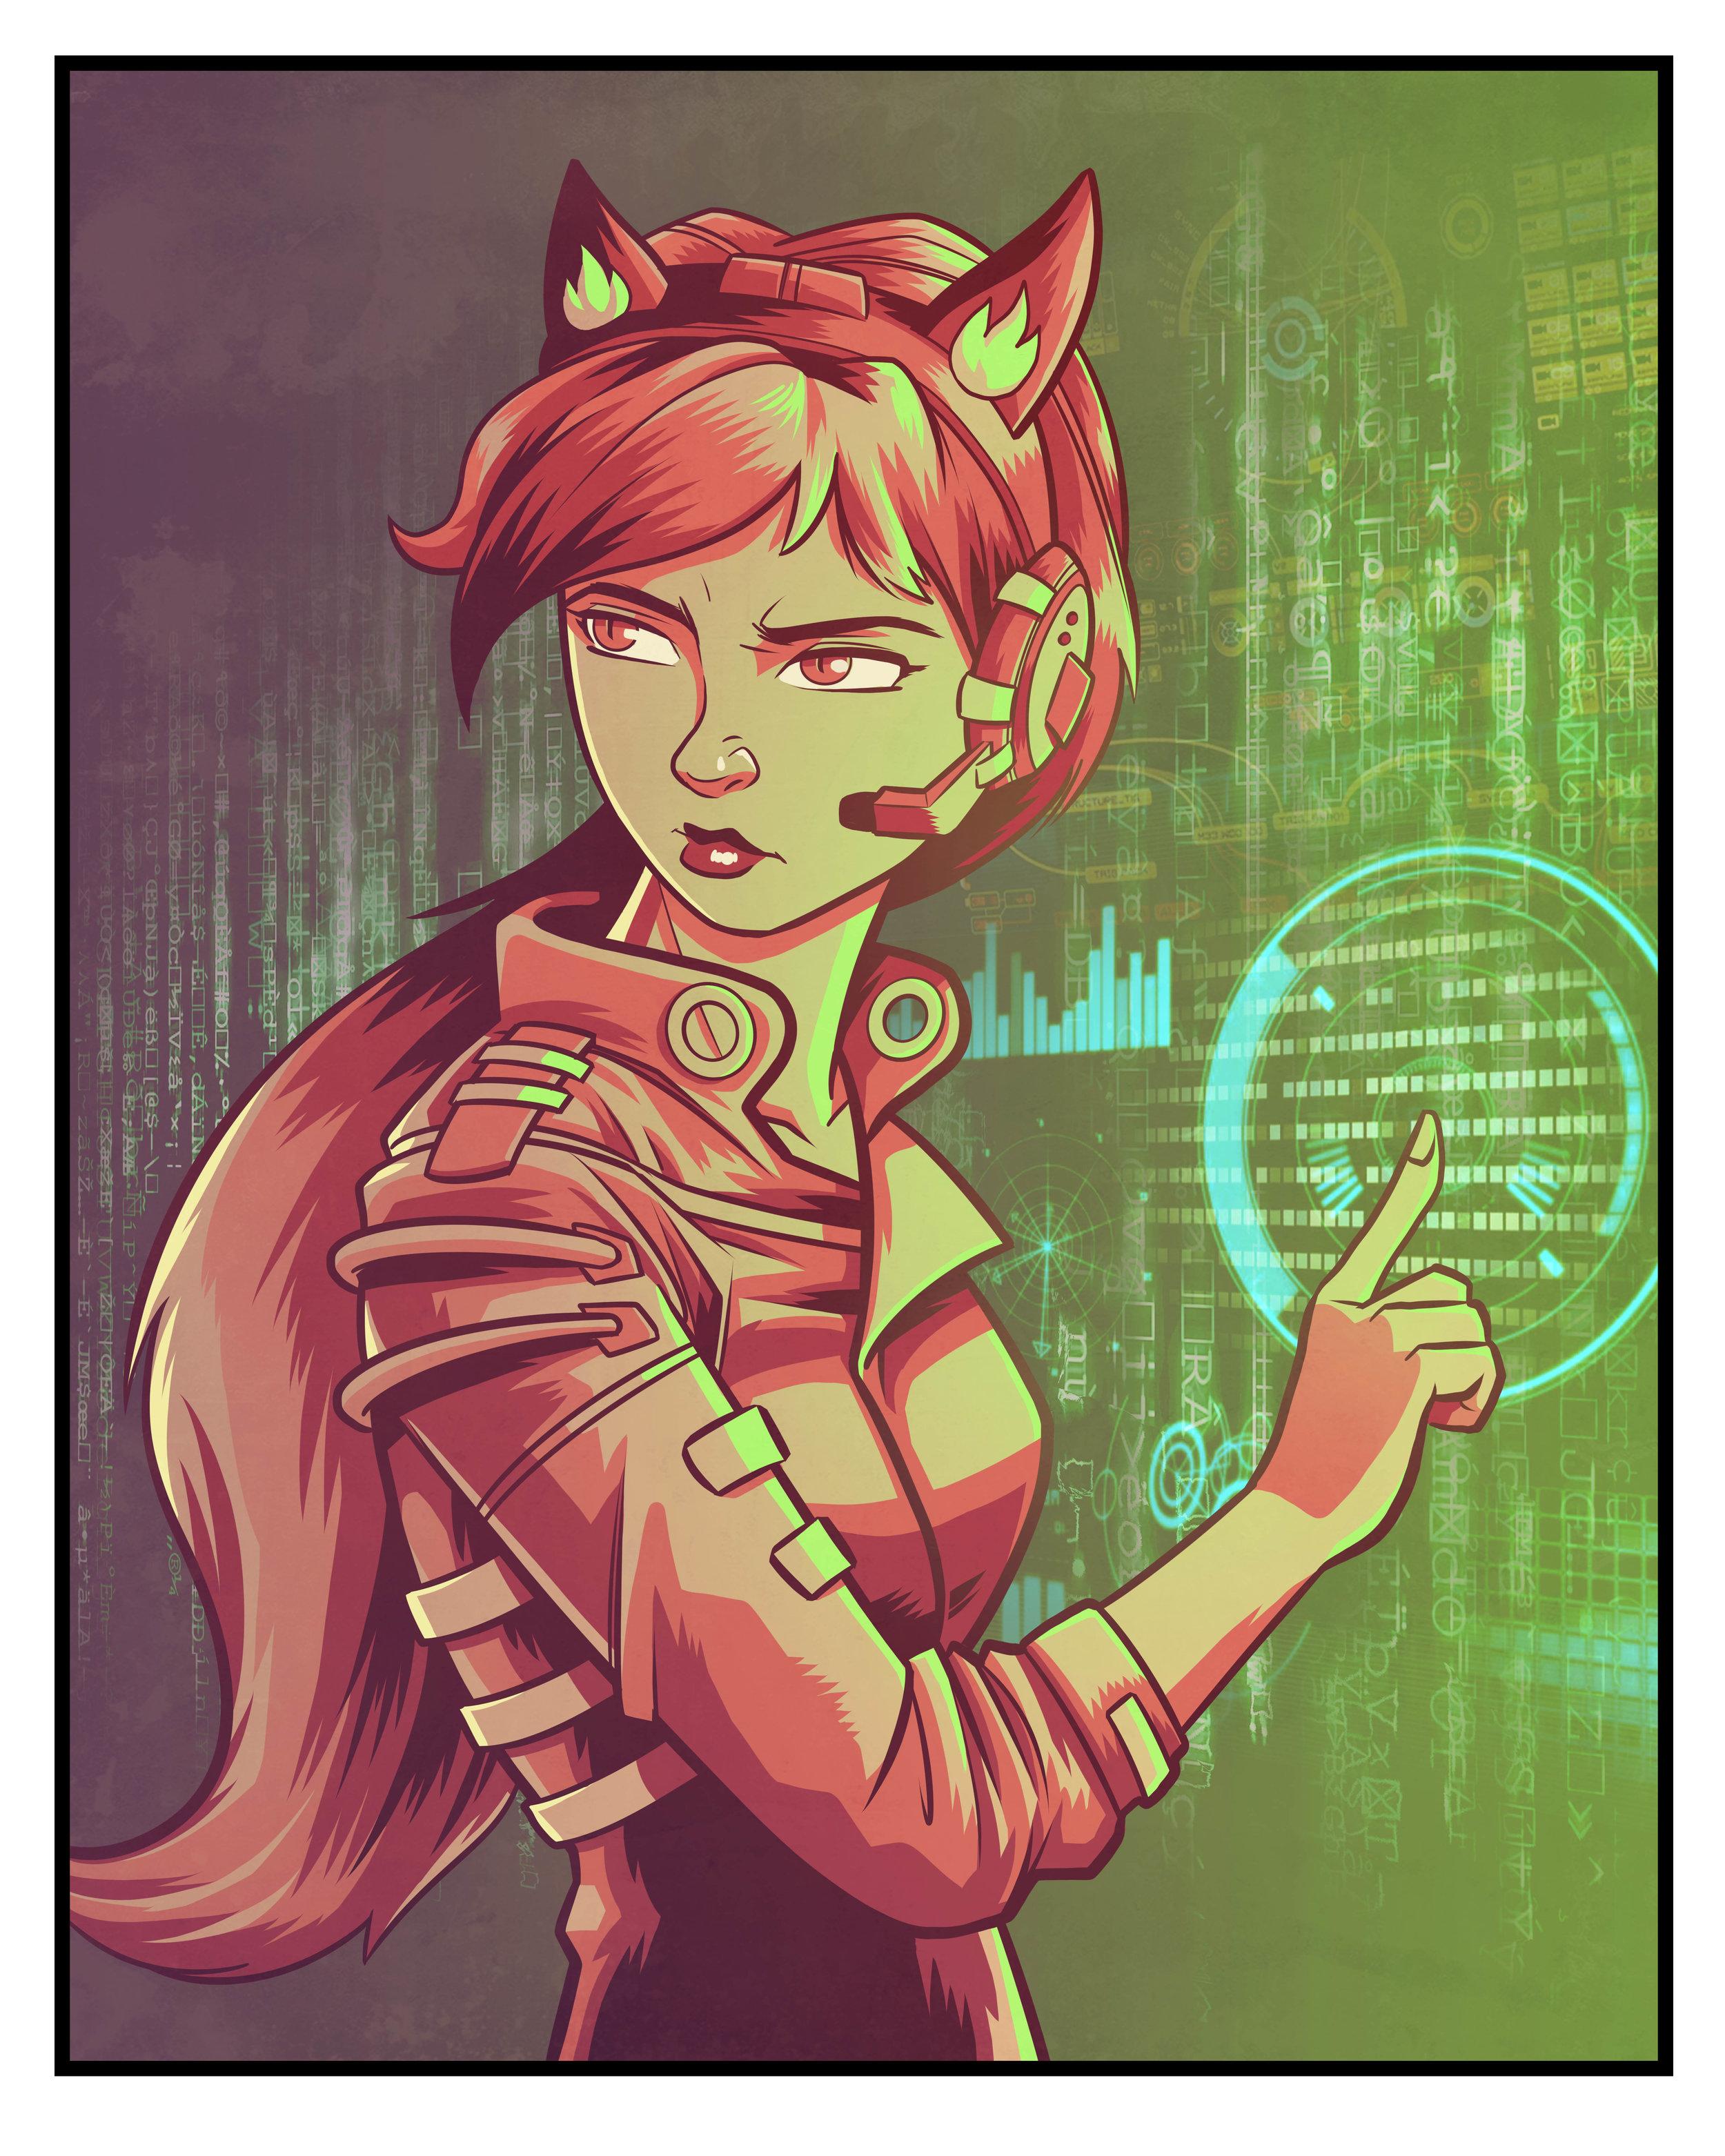 Cyberpunk Foxgirl